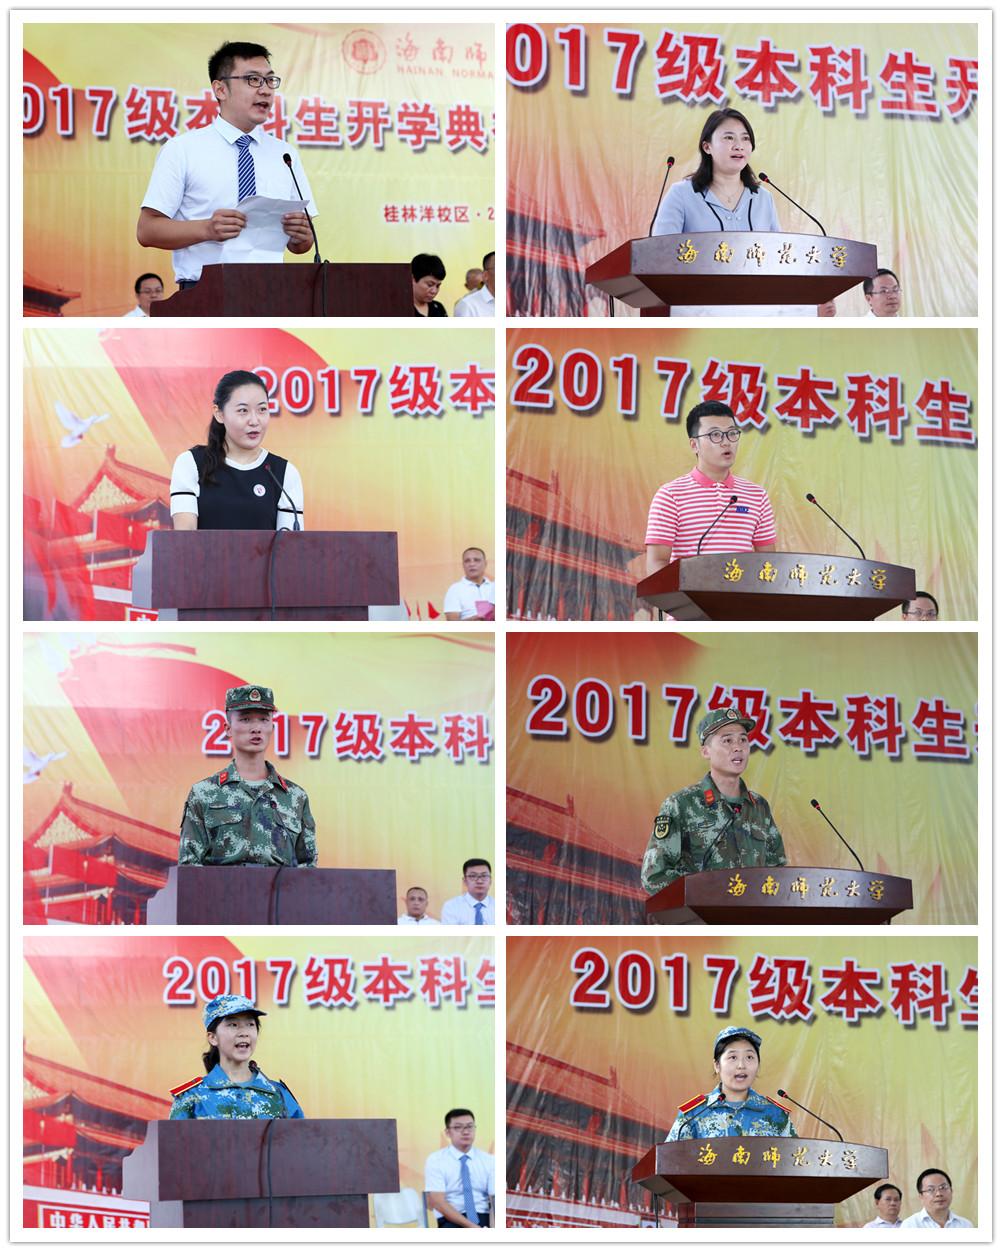 我校举行2017级本科生开学典礼暨军训动员大会